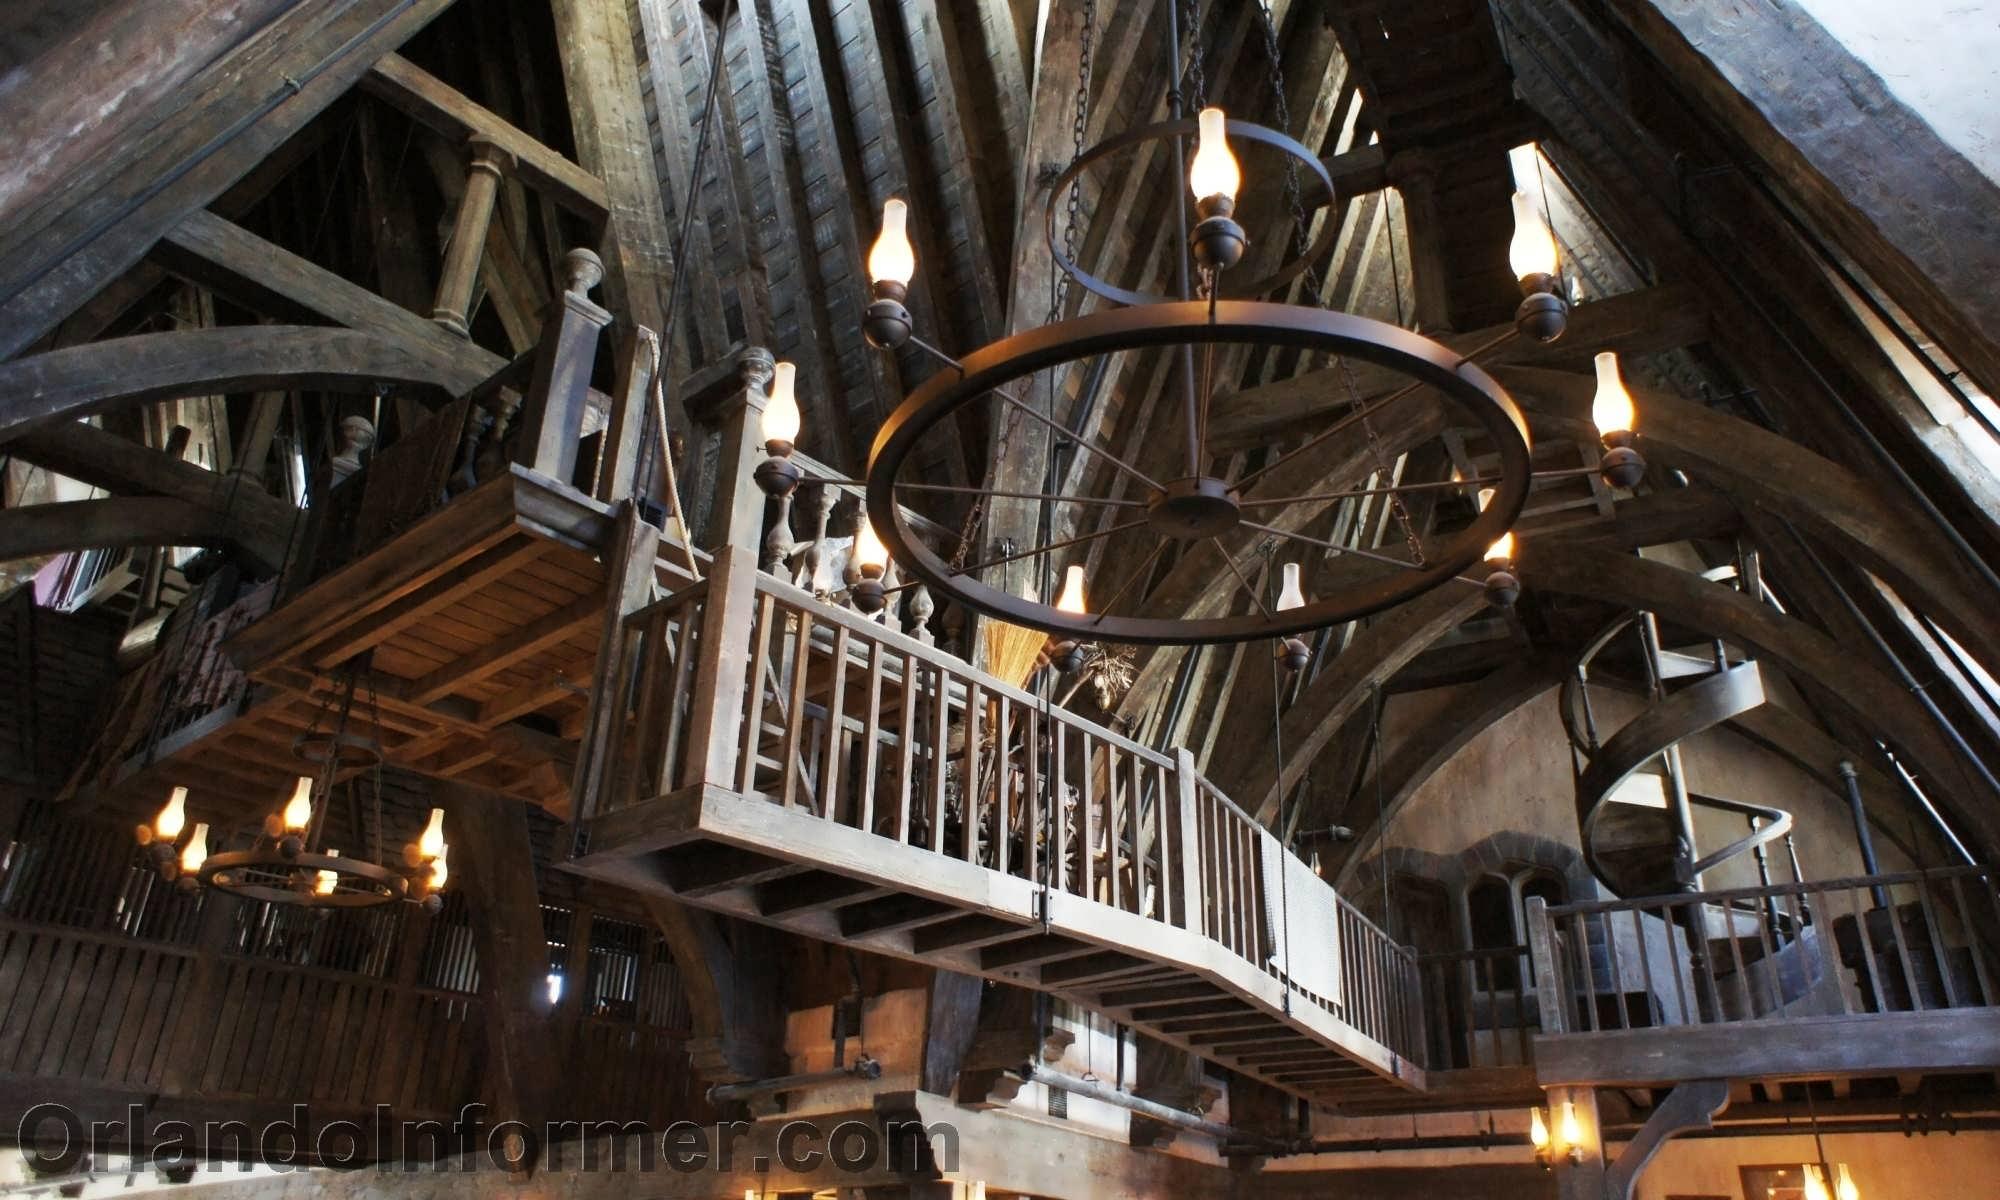 Three Broomsticks: Interior photos.